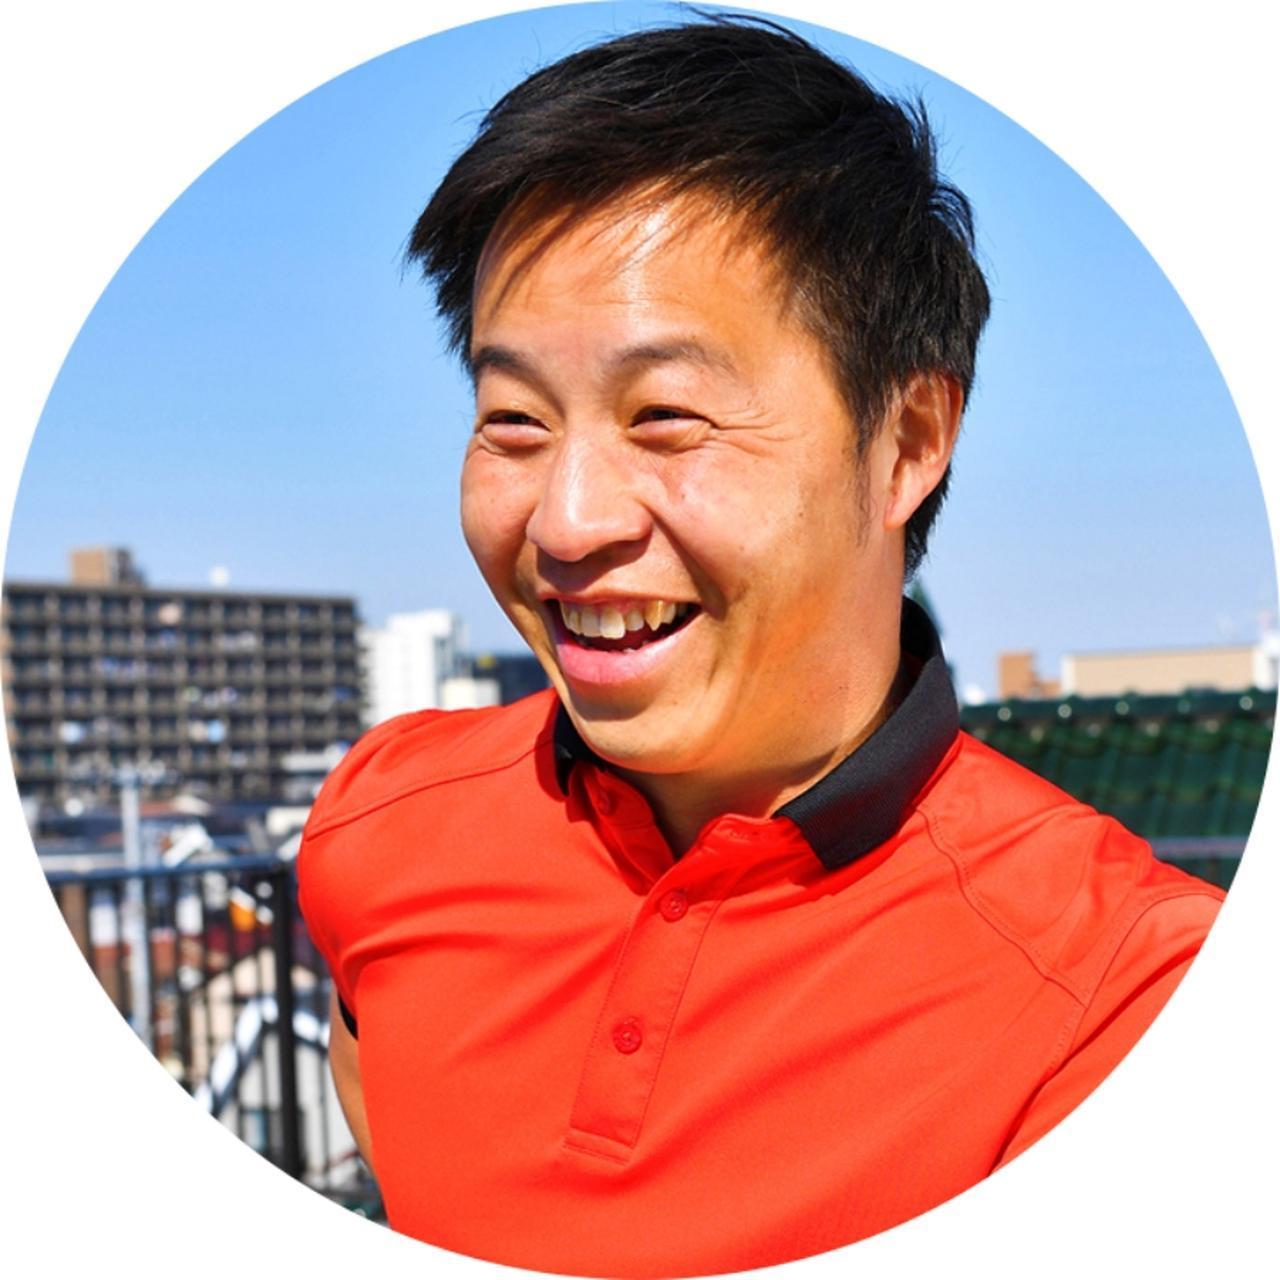 画像: 【解説/堀口宜篤プロ】 東京都出身。アメリカでゴルフを学んだ経験を生かして、クラブフィッティングとスウィングを同時進行で教えるプロ。パフォーマンスゴルフスタジオ主宰